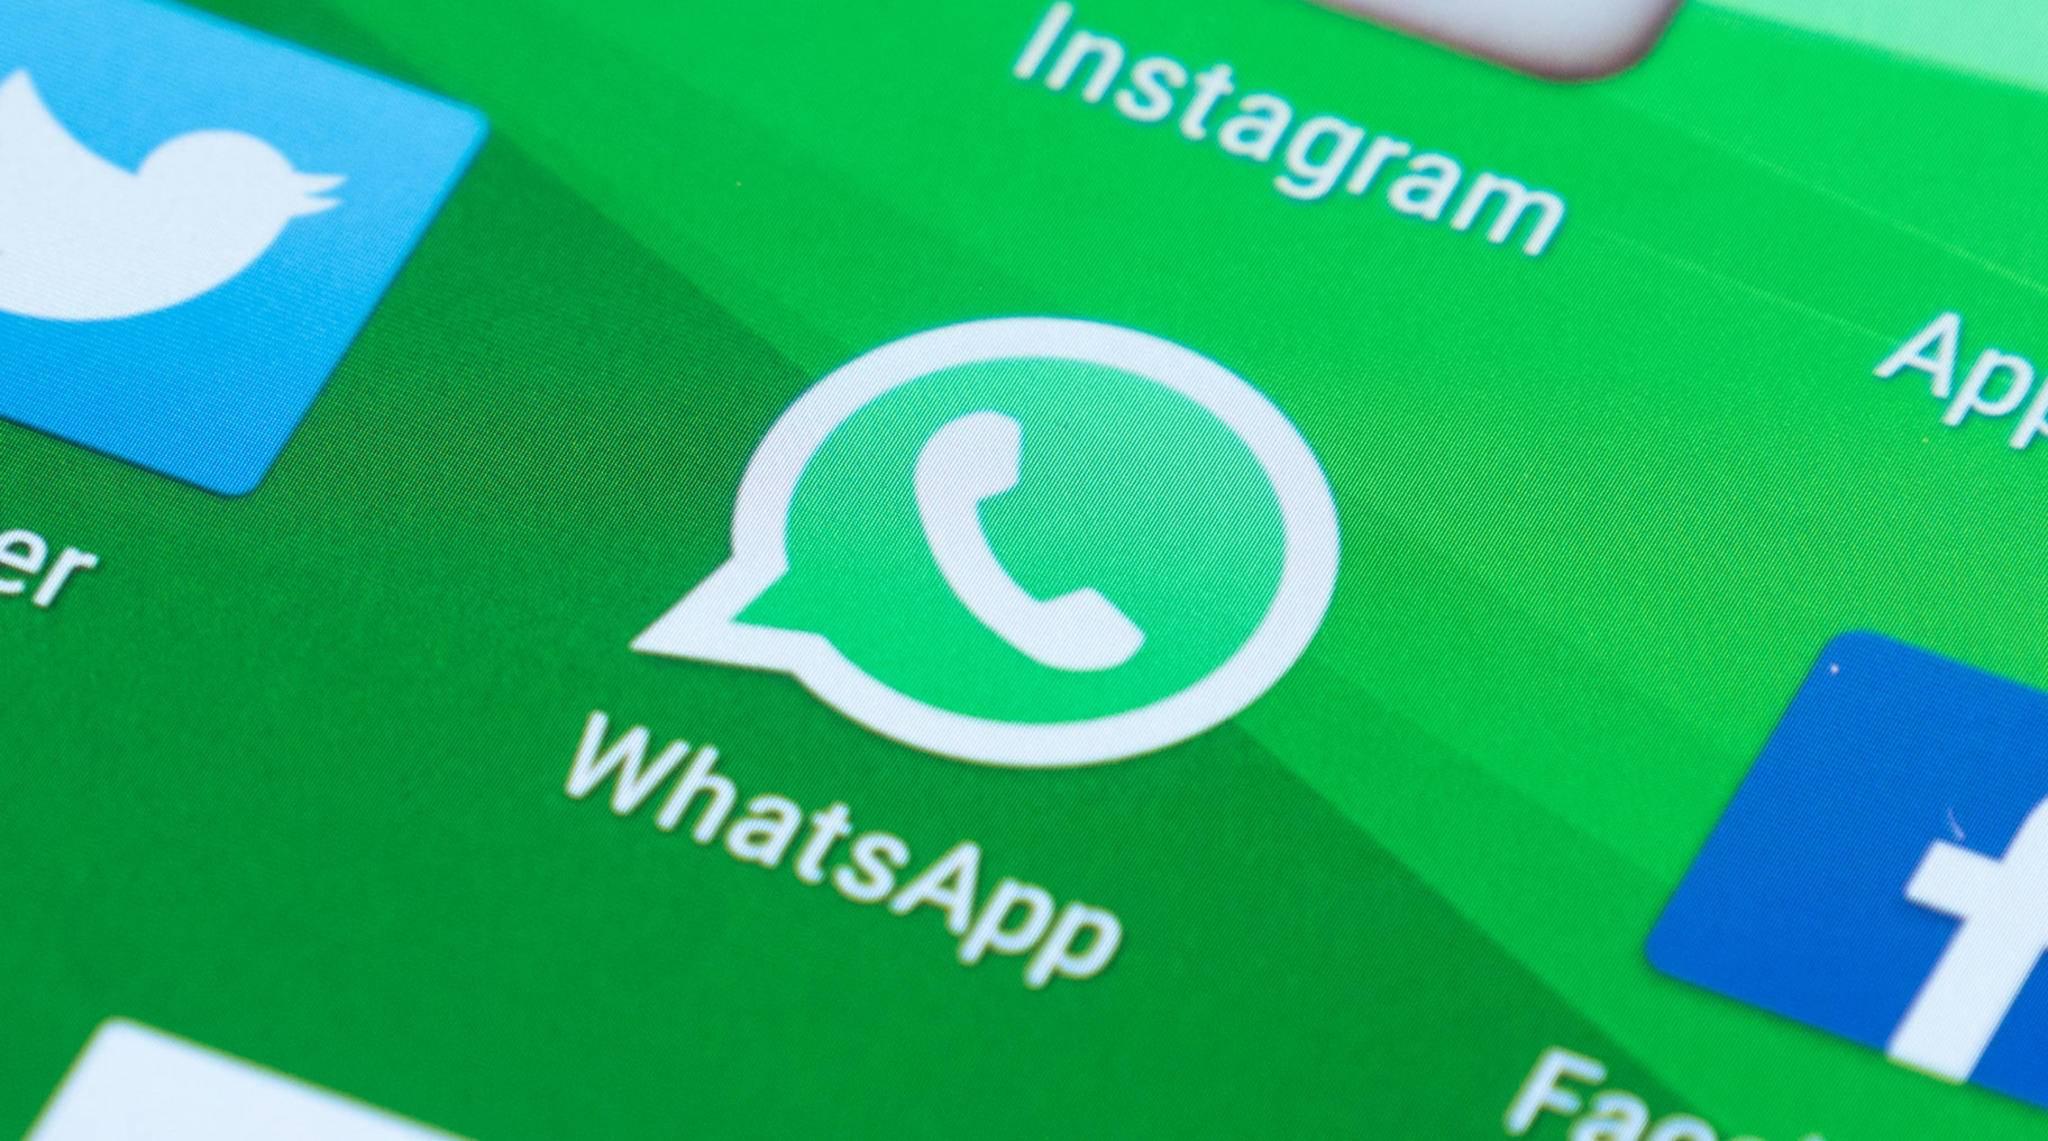 Die Verschlüsselung von WhatsApp kann offenbar umgangen werden.